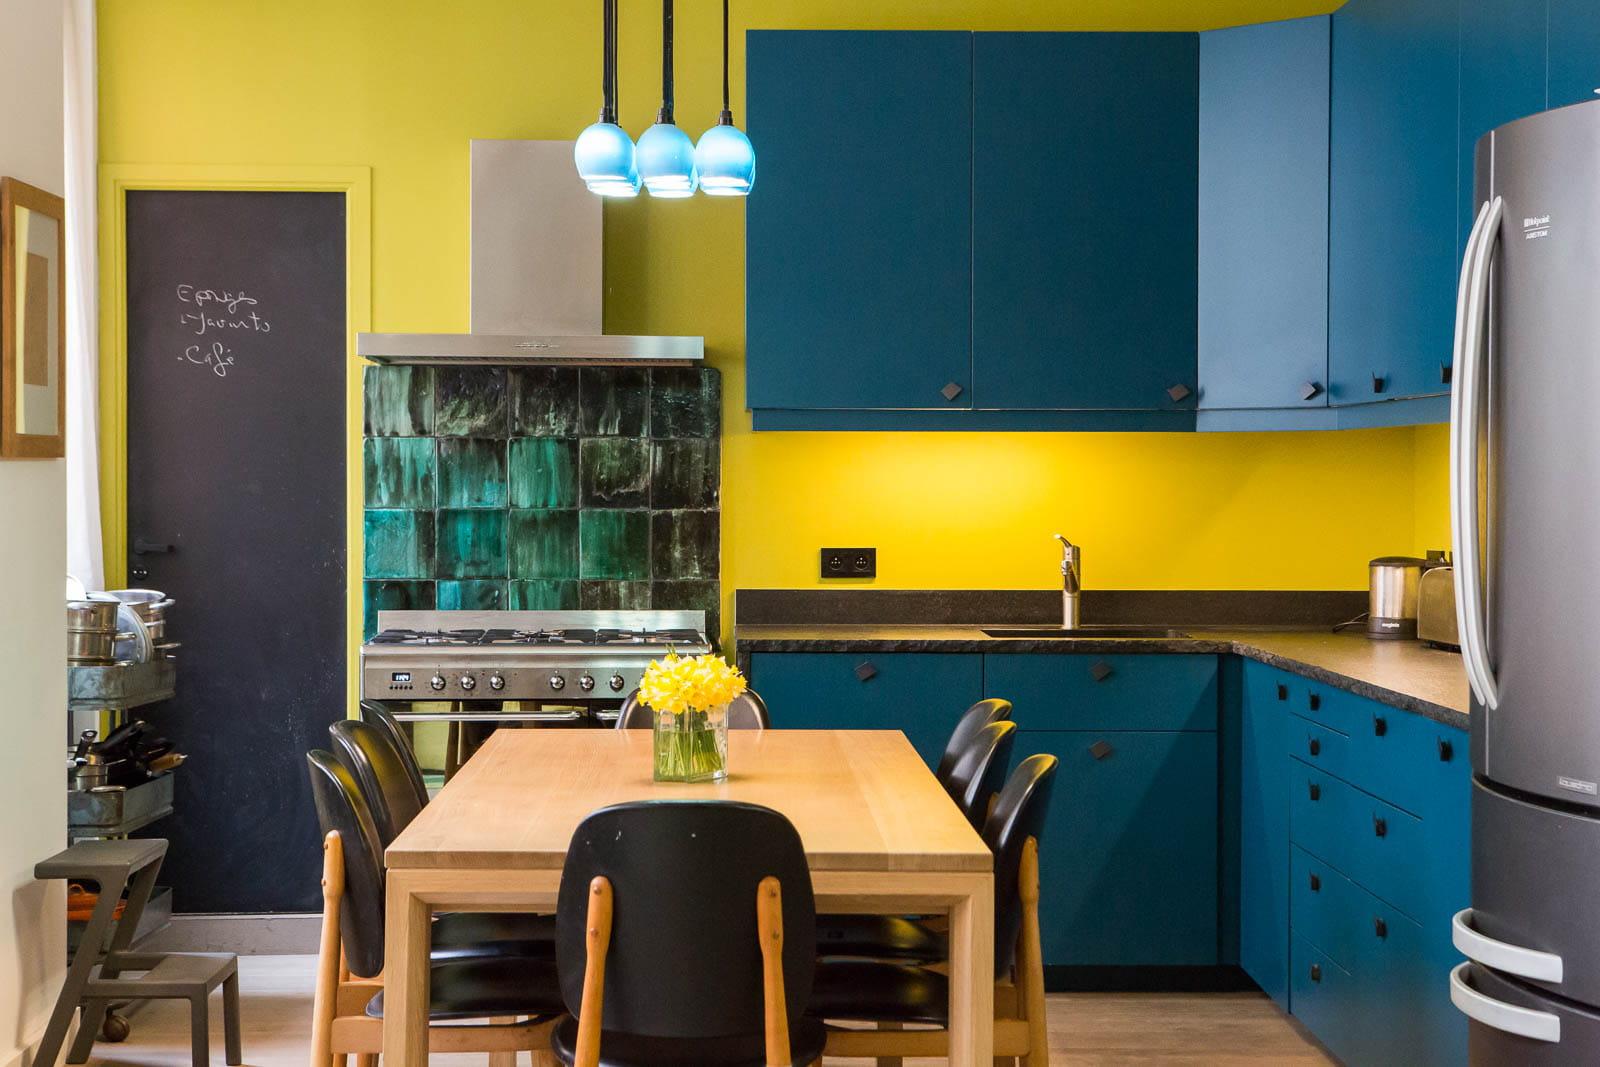 Cuisine bleue et jaune un appartement o presque tout for Cuisine amenagee bleue